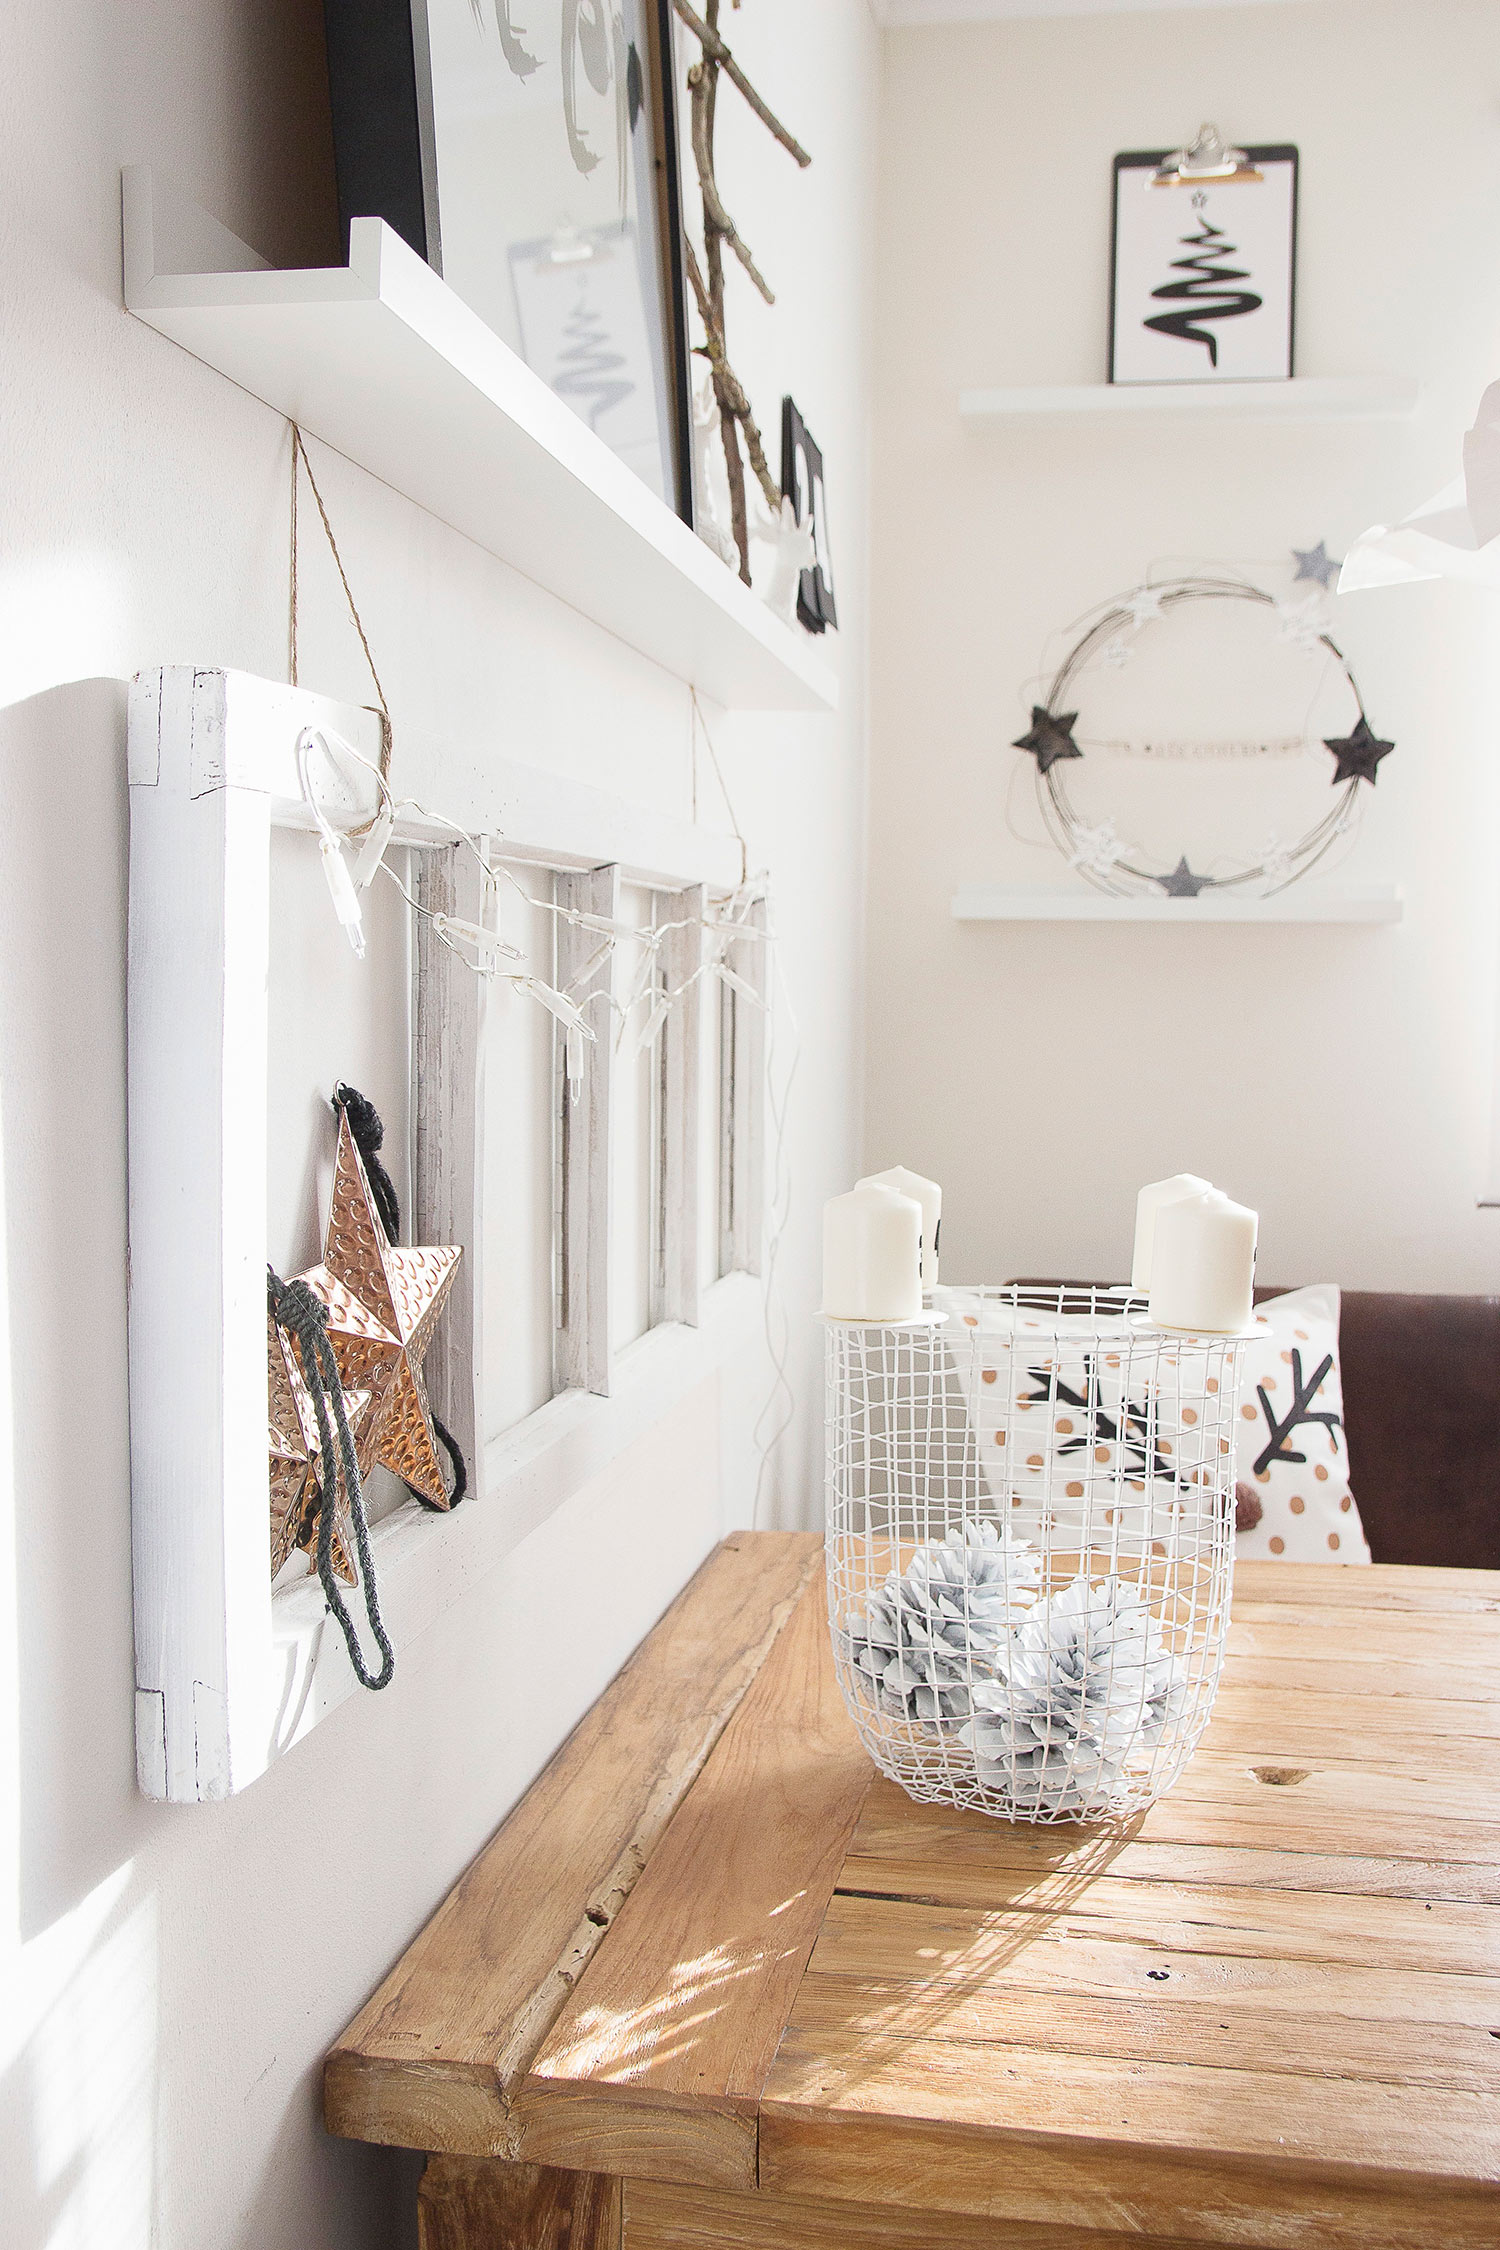 Casa scandi stile nordico arredamenti decorazioni for Case in stile nord ovest pacifico